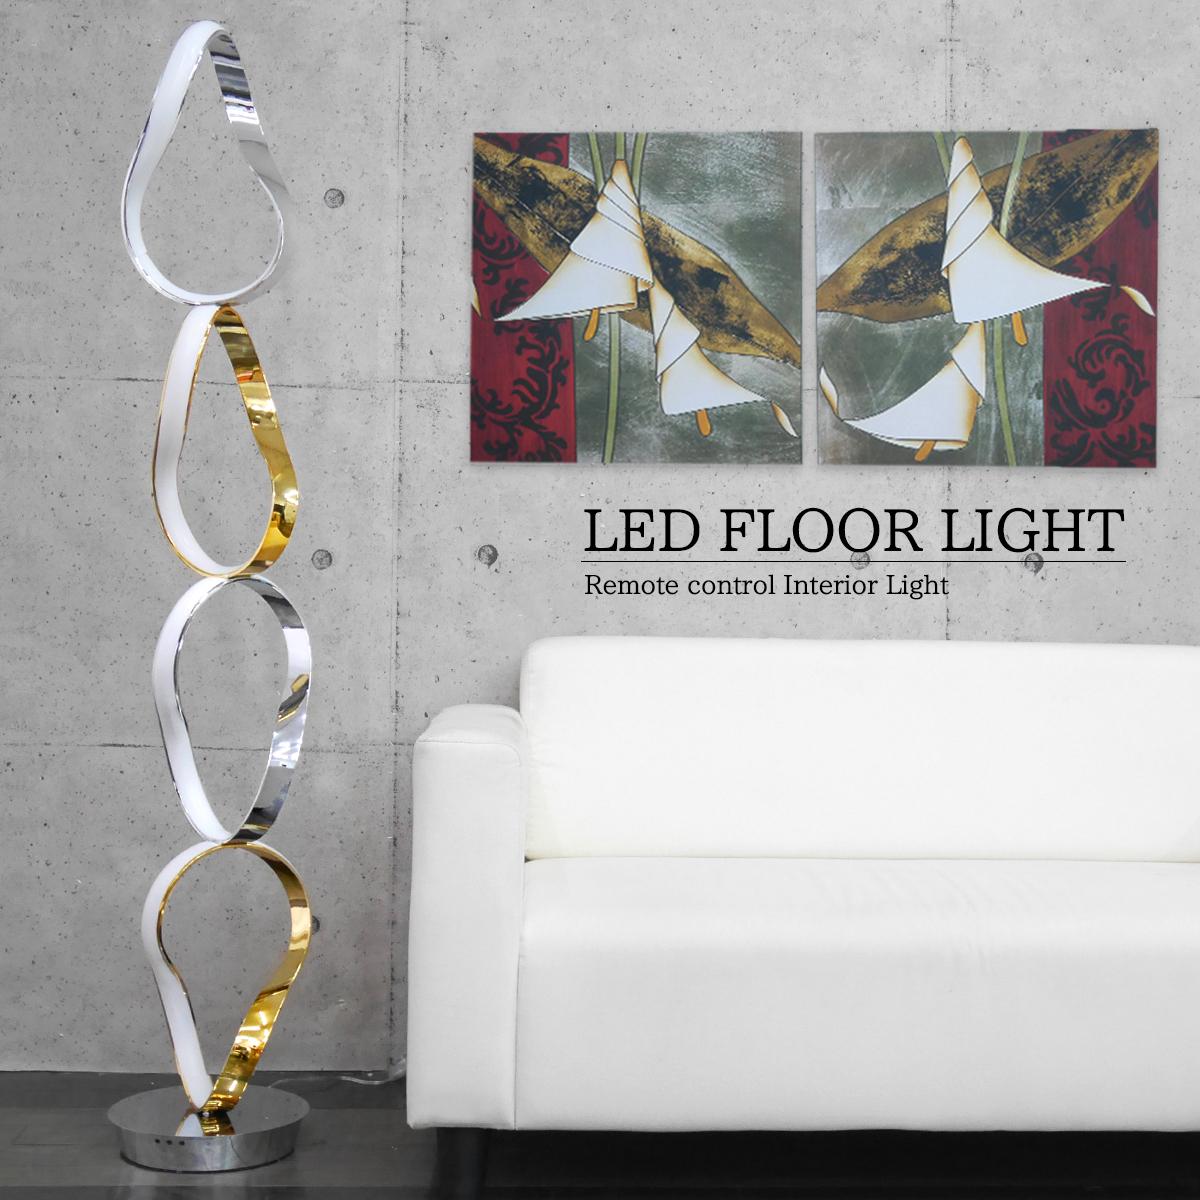 今月の限定価格!!LED フロアライト フロアランプ 間接照明 スタンドライト インテリア 寝室 北欧 デザイナー 照明 おしゃれ 調色調光 bluetooth 【FL-47CH】